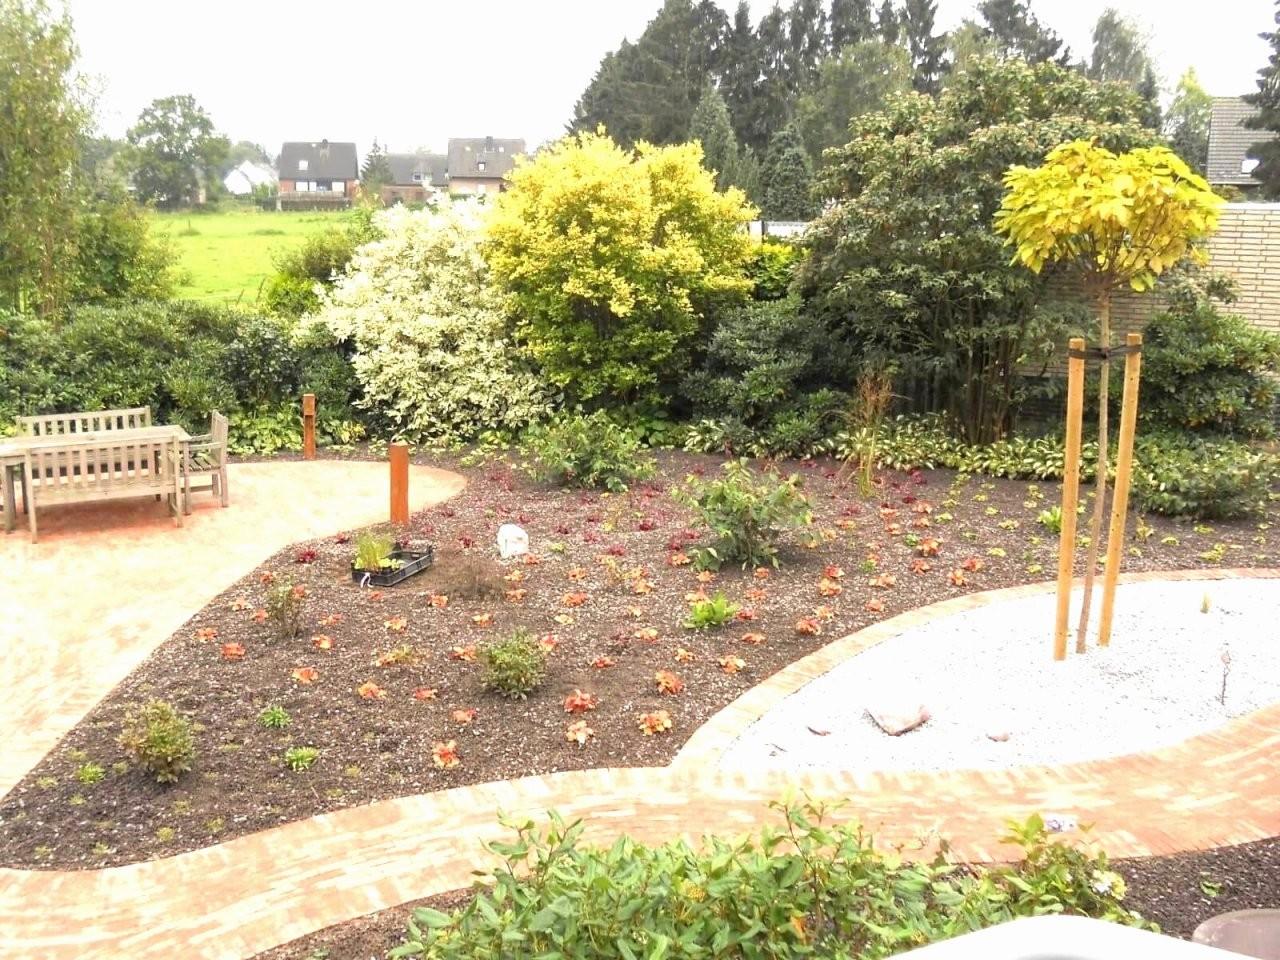 52 Foto Fotos Von Gartengestaltung Mit Gräsern Und Kies  Grundrisse von Gartengestaltung Mit Gräsern Und Kies Photo